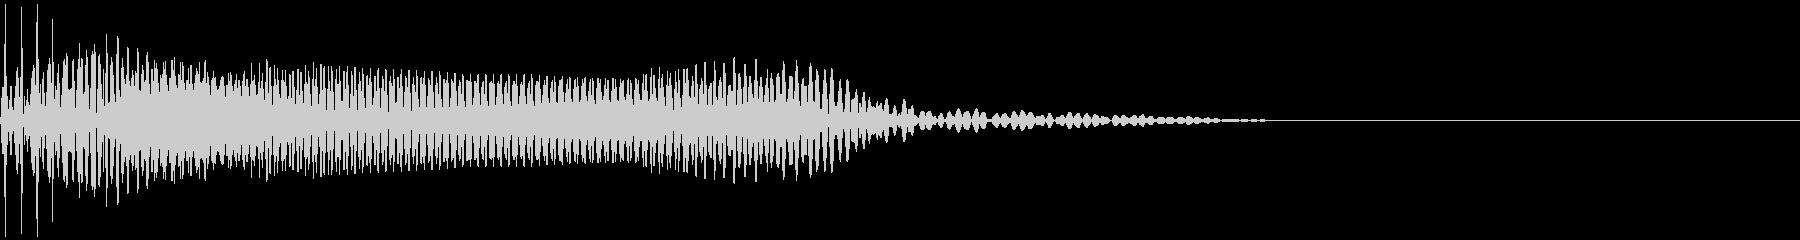 ベース/ドゥーン/ネックスライド/A11の未再生の波形